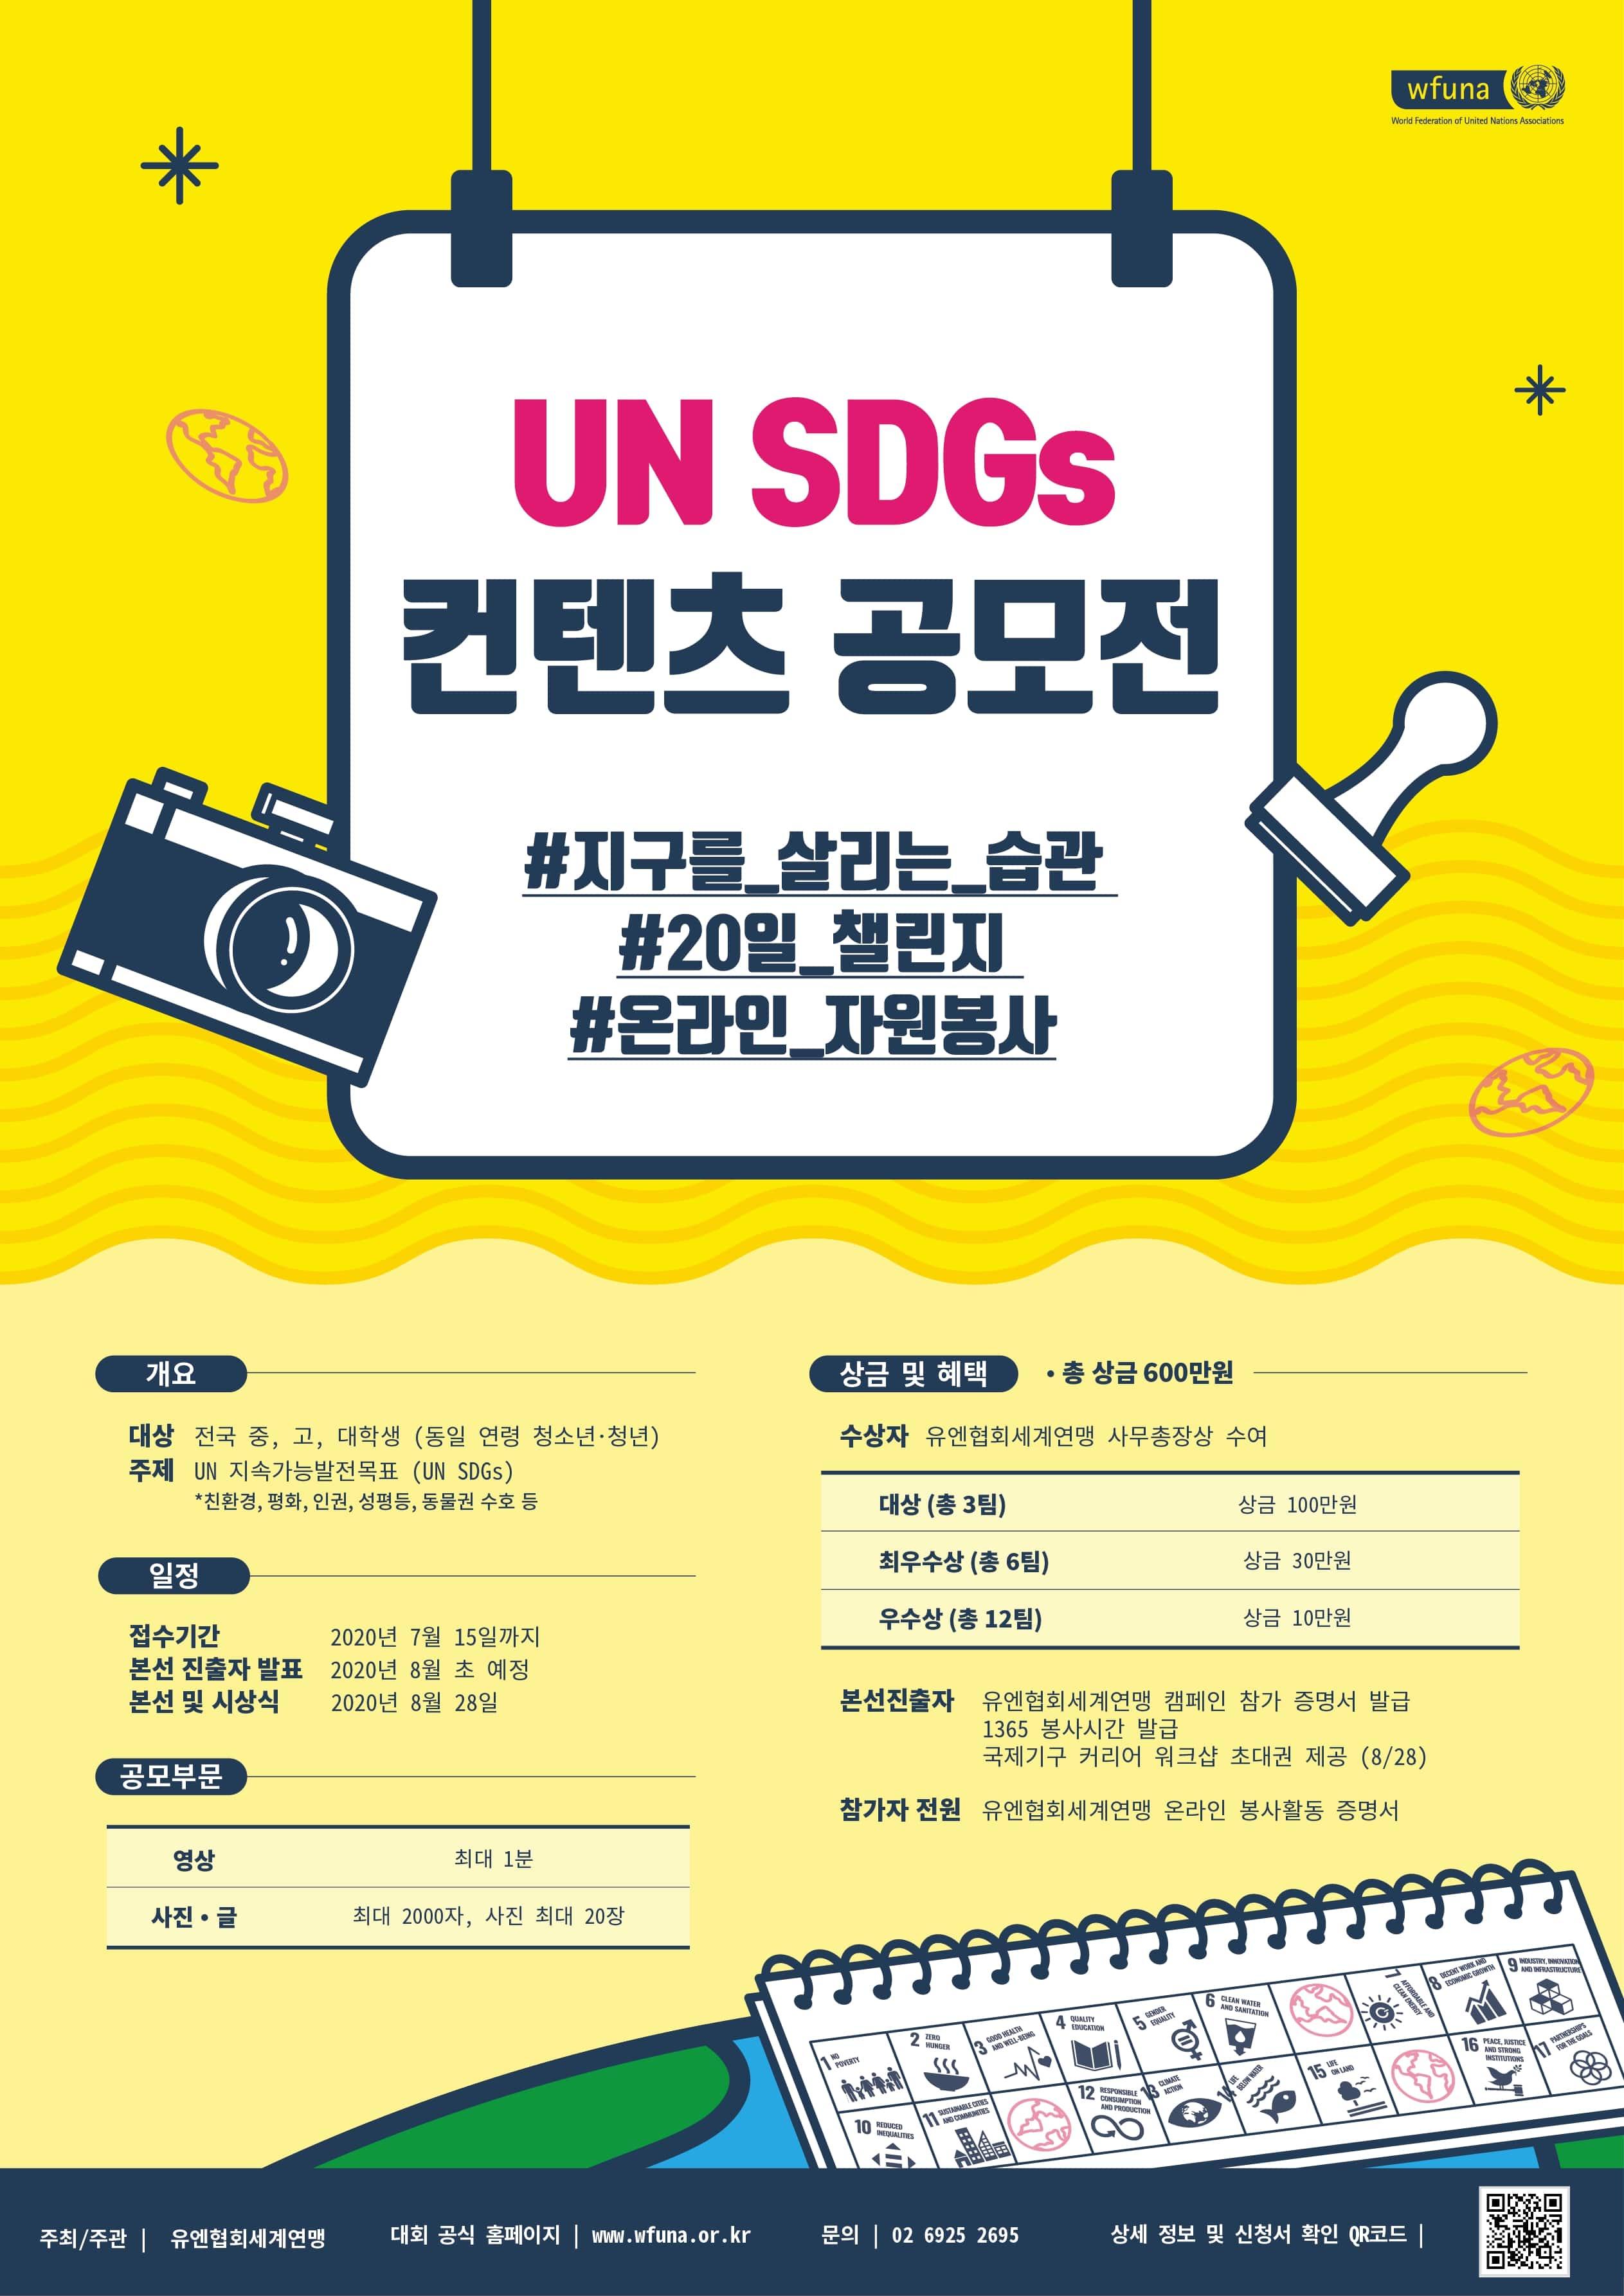 UN SDGs 컨텐츠 공모전